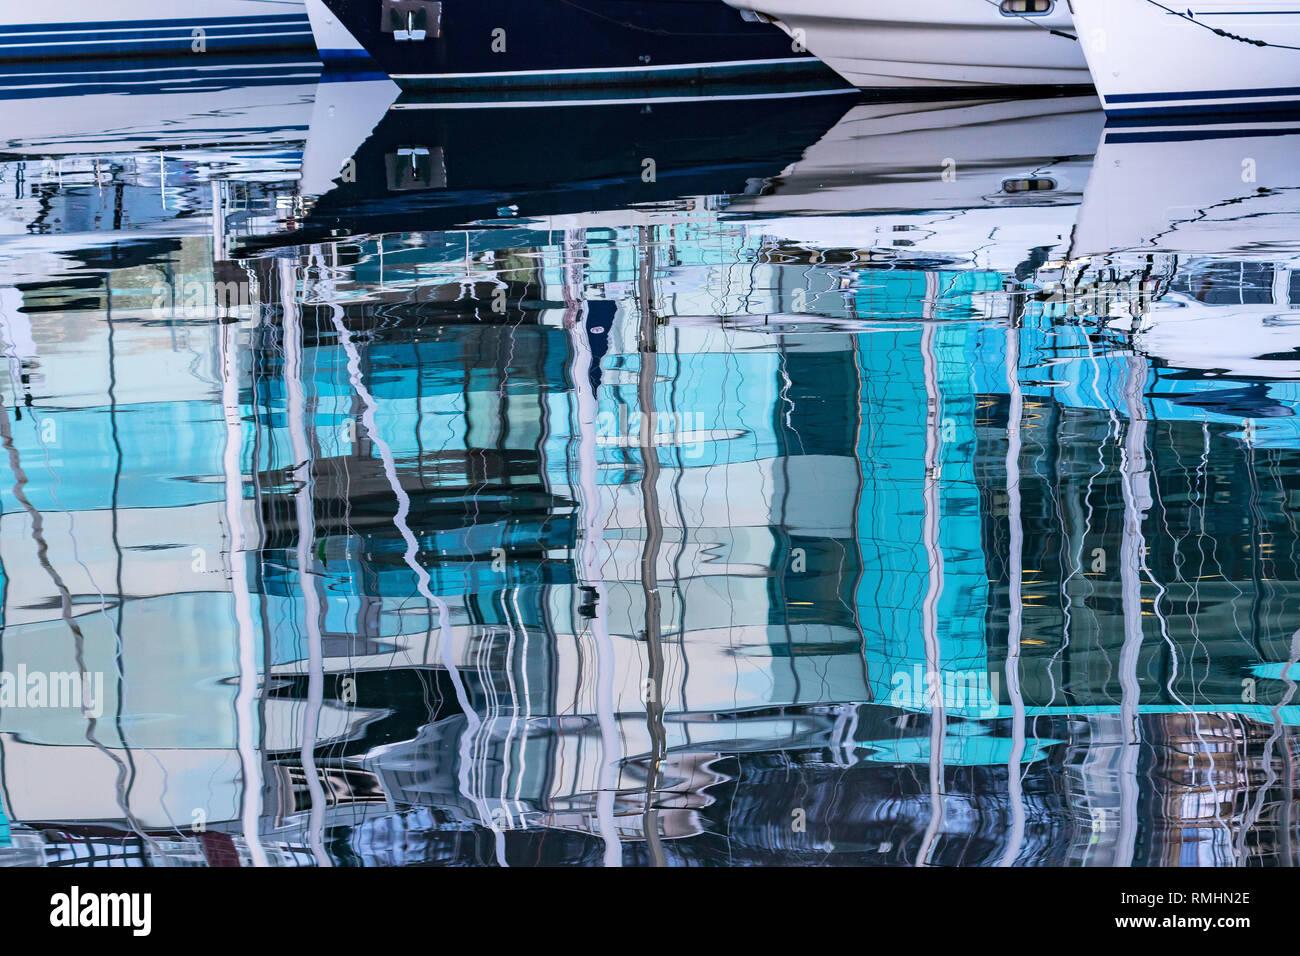 Reflets dans la mer, sur une journée calme. À partir de l'un des ports de plaisance à Bergen, Norvège Banque D'Images